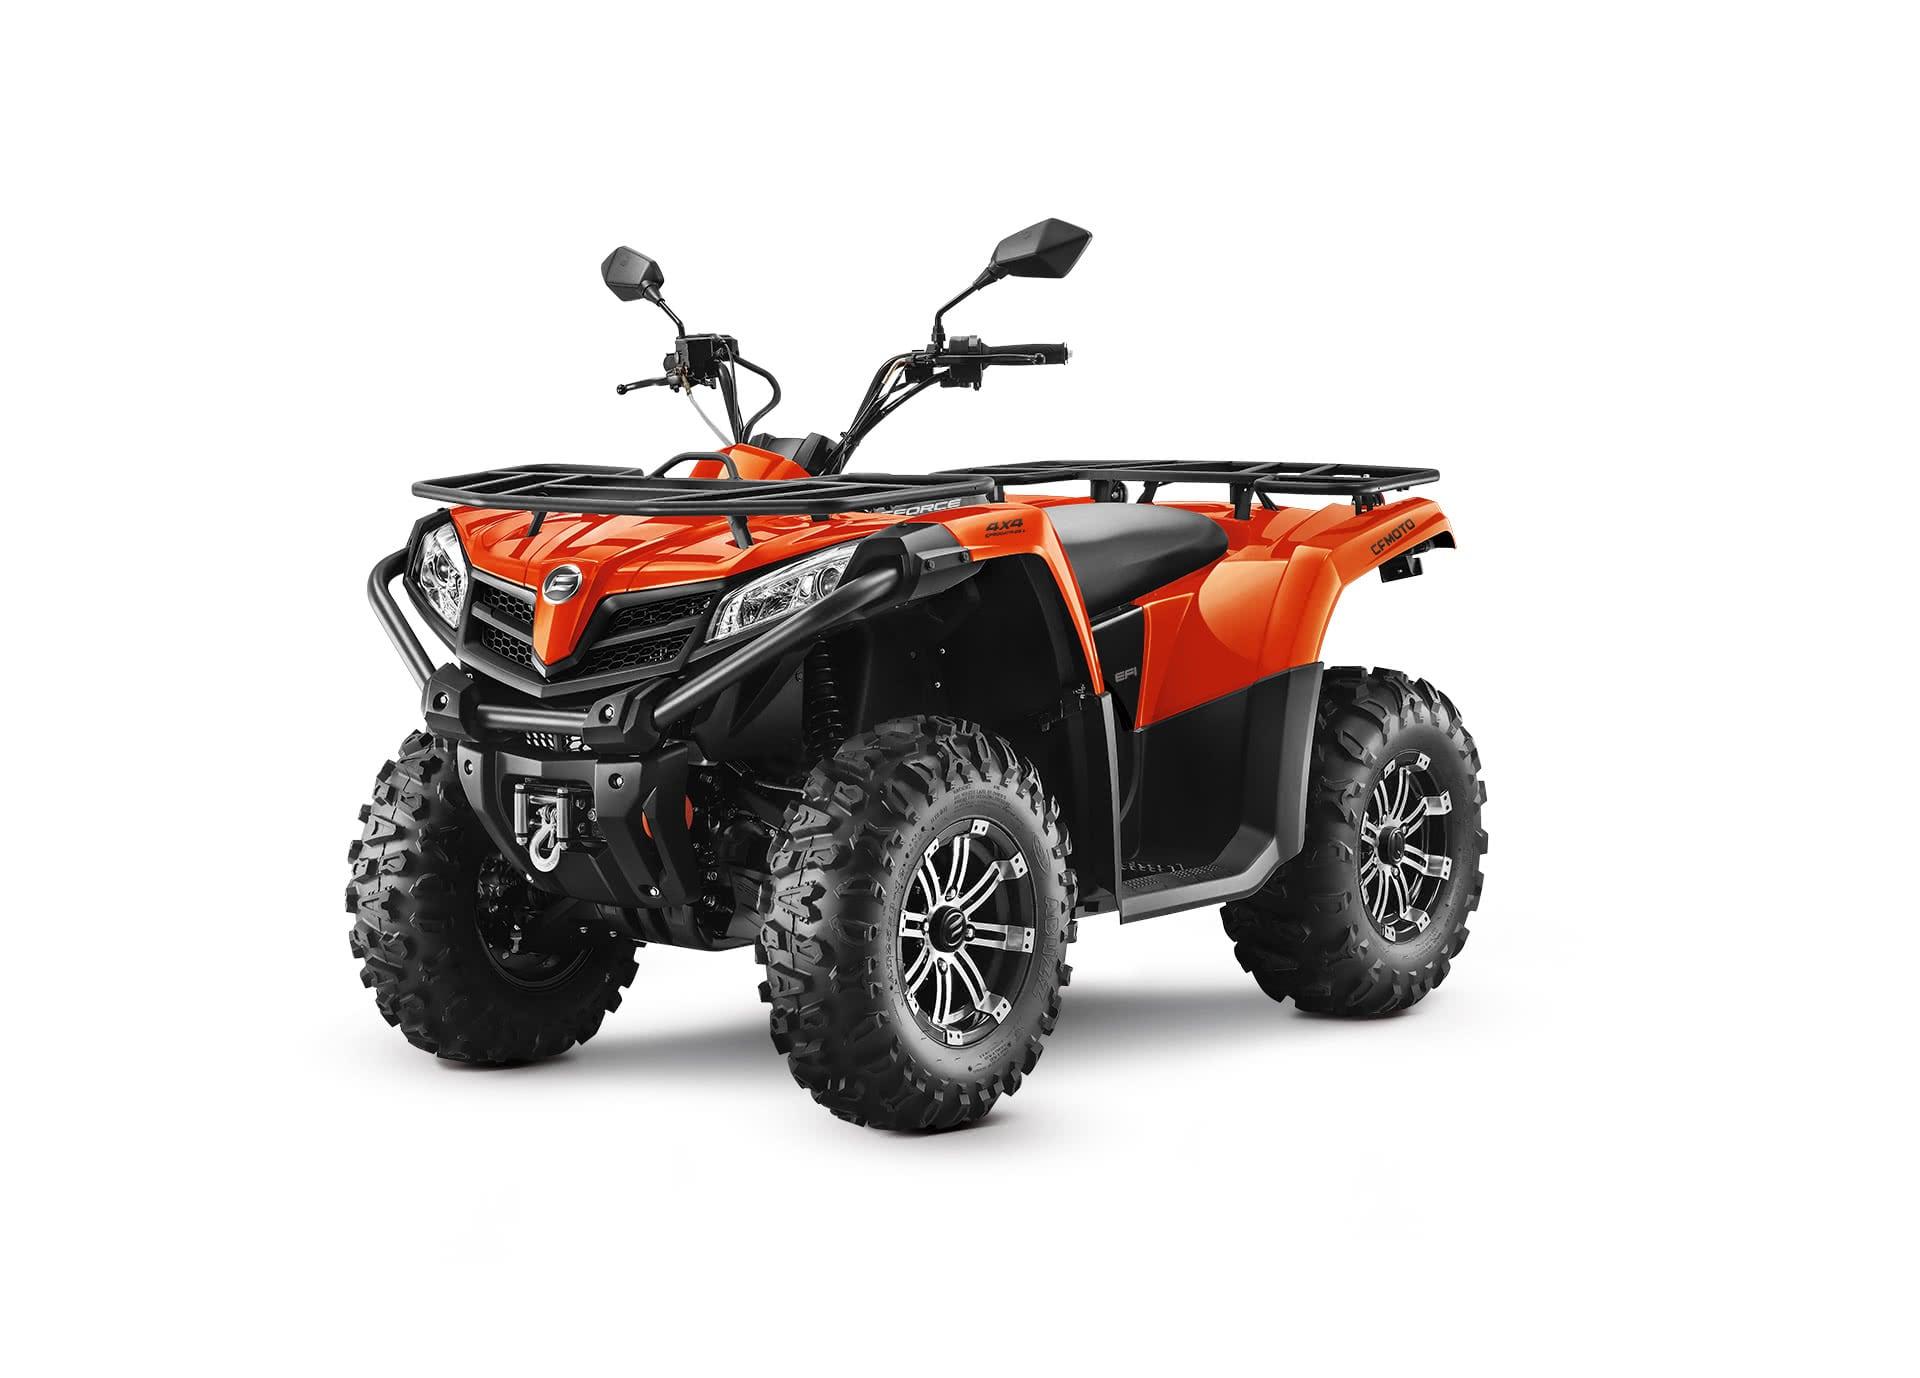 CFMOTO CFORCE 520S mönkijä ATV oranssi